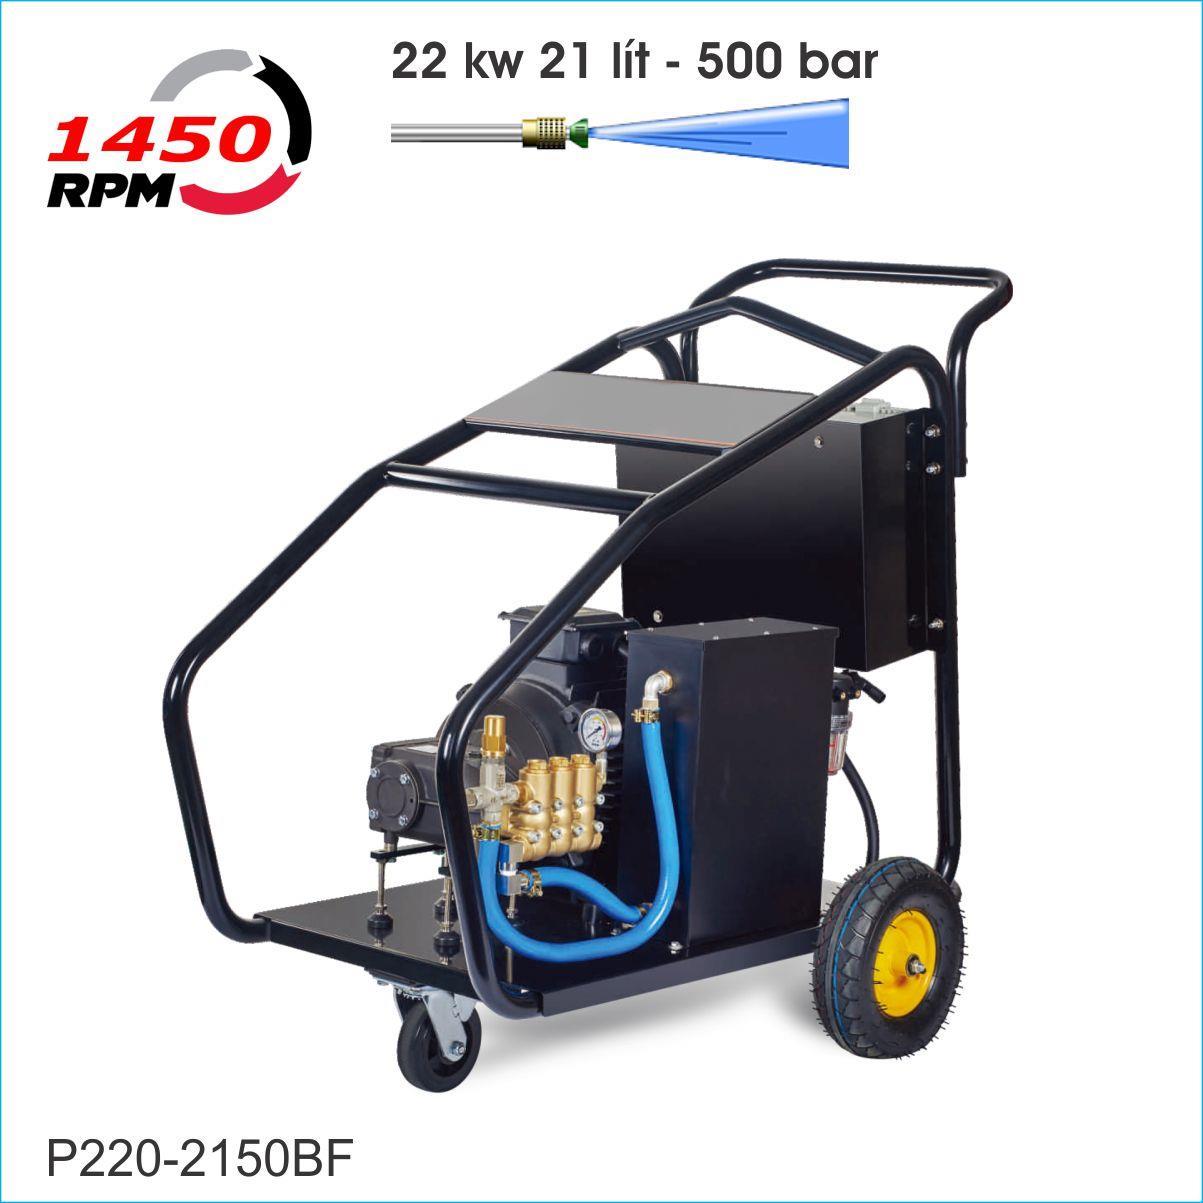 Máy phun rửa cao áp PROJET P220-2150BF